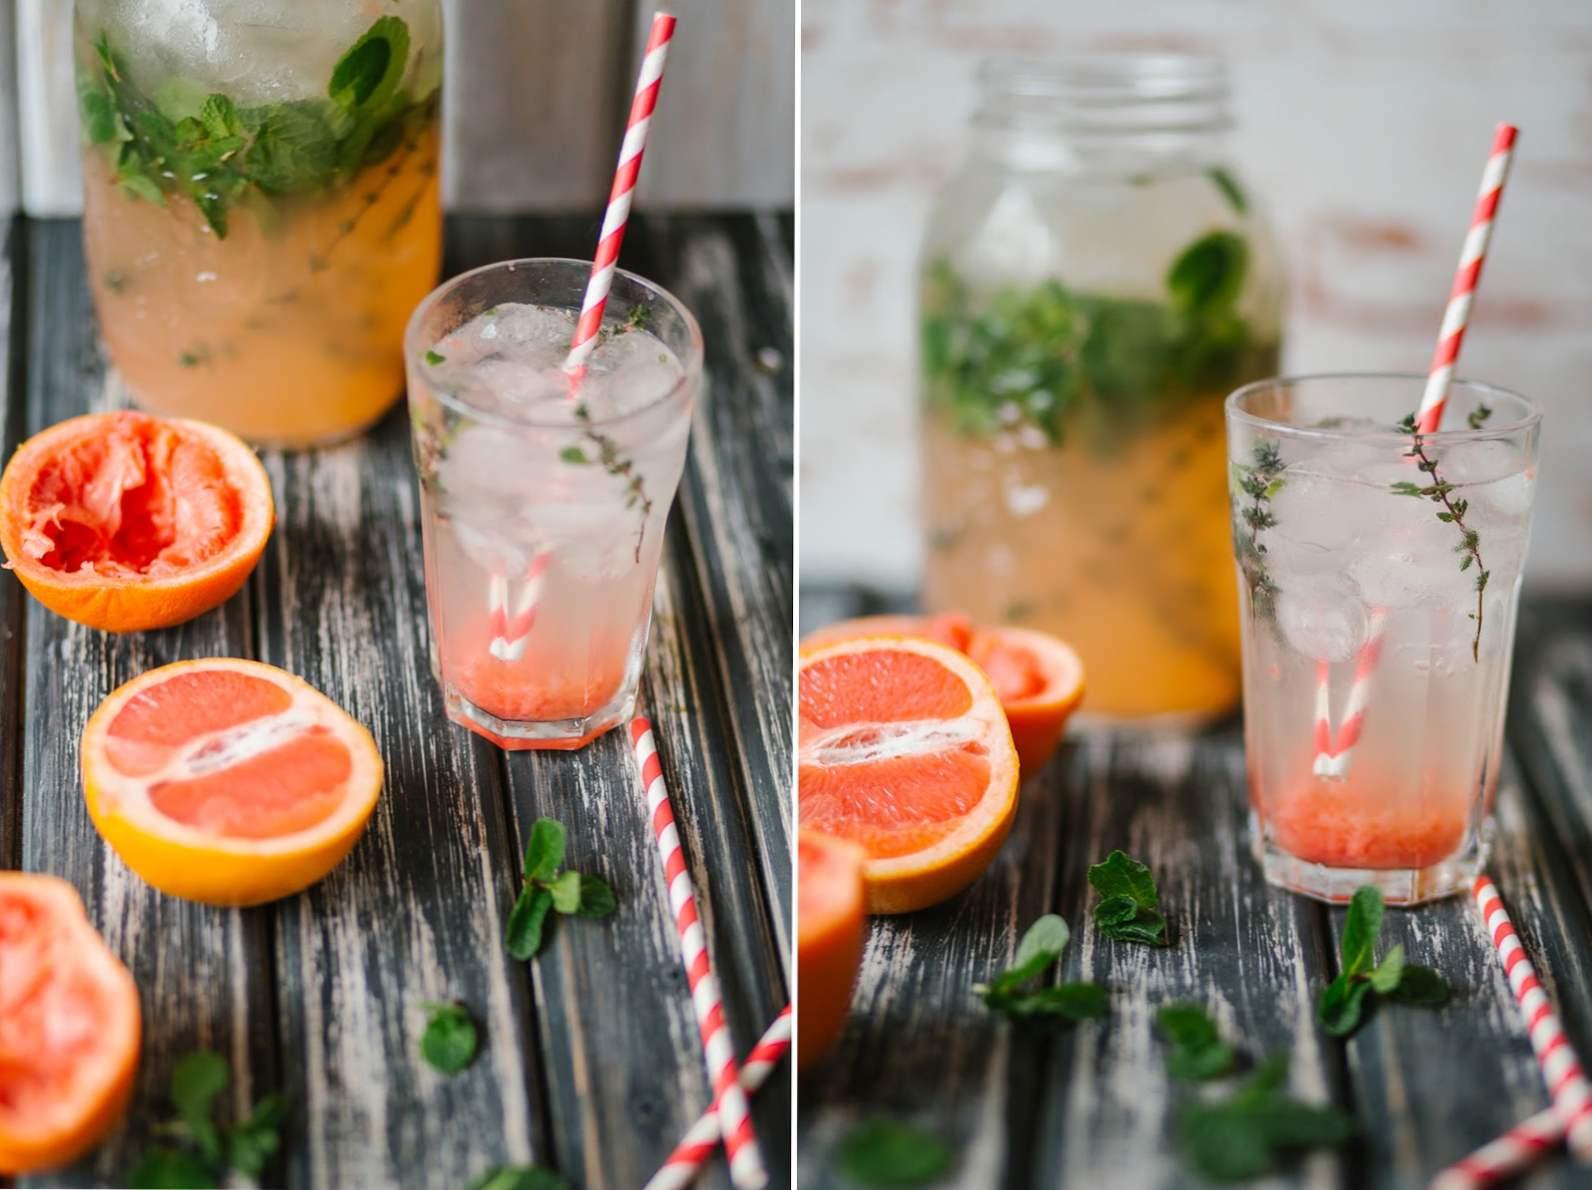 Напитки Для Похудения Для Подростков. Лучшие рецепты напитков для похудения. Как приготовить домашние жиросжигающие, очищающие, диетические, дренажные детокс напитки для похудения?